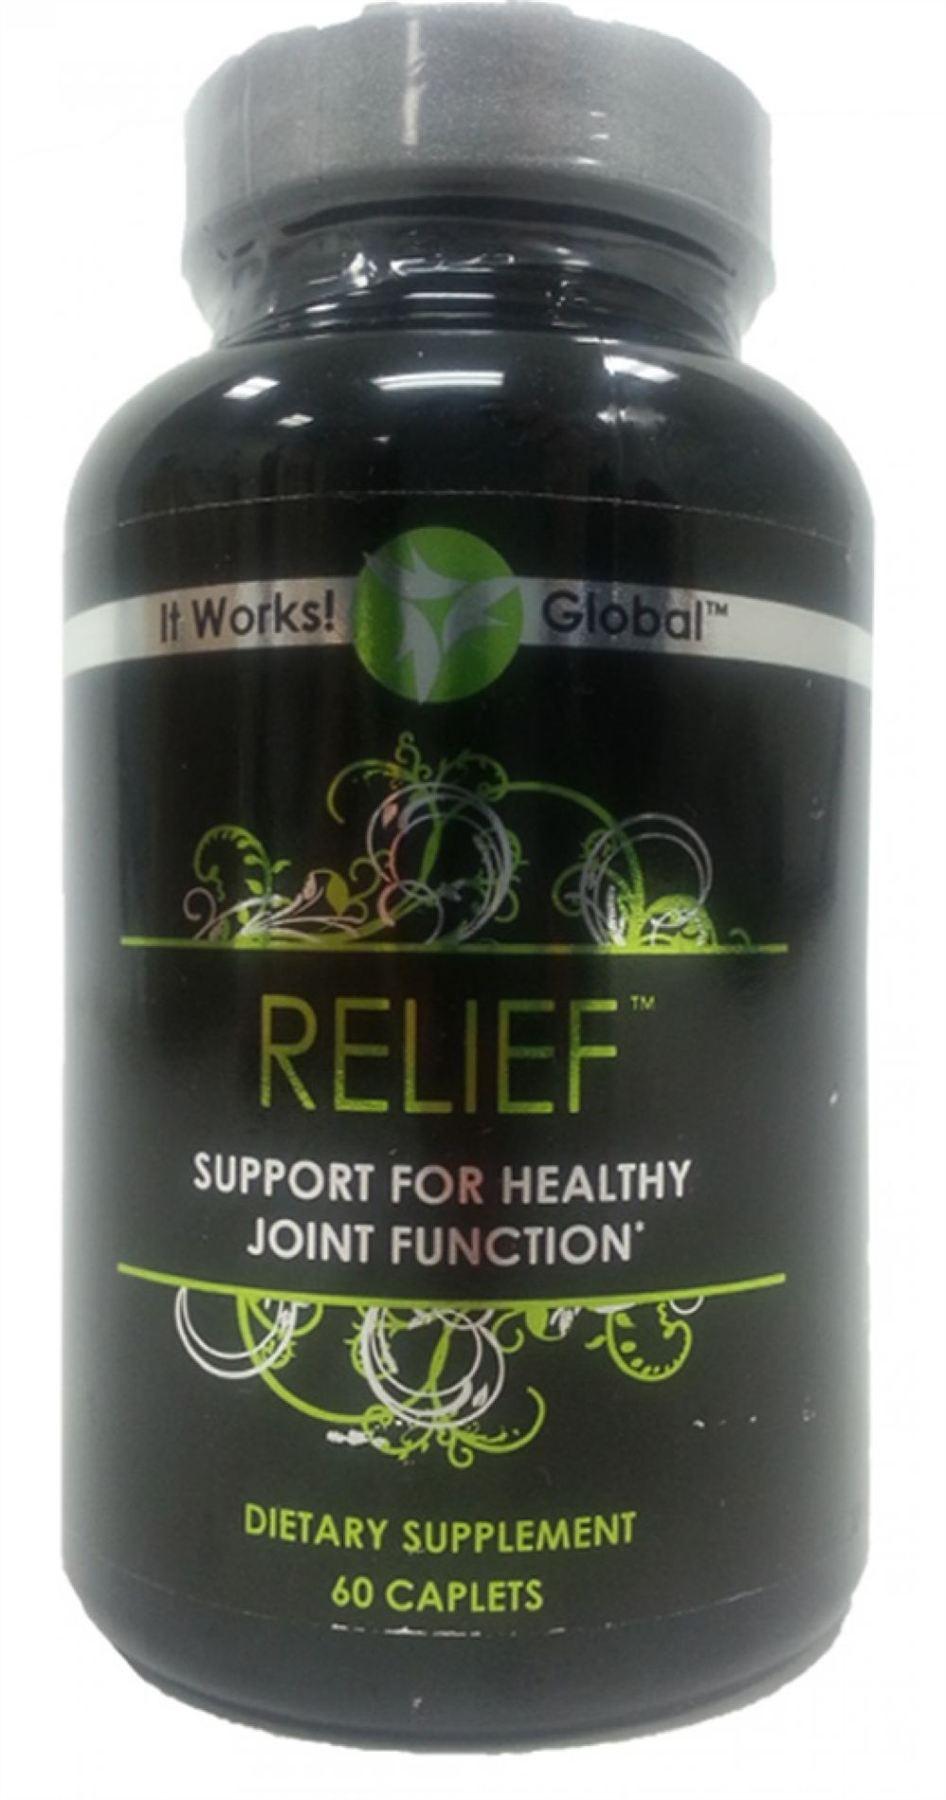 Which dietary supplement works best